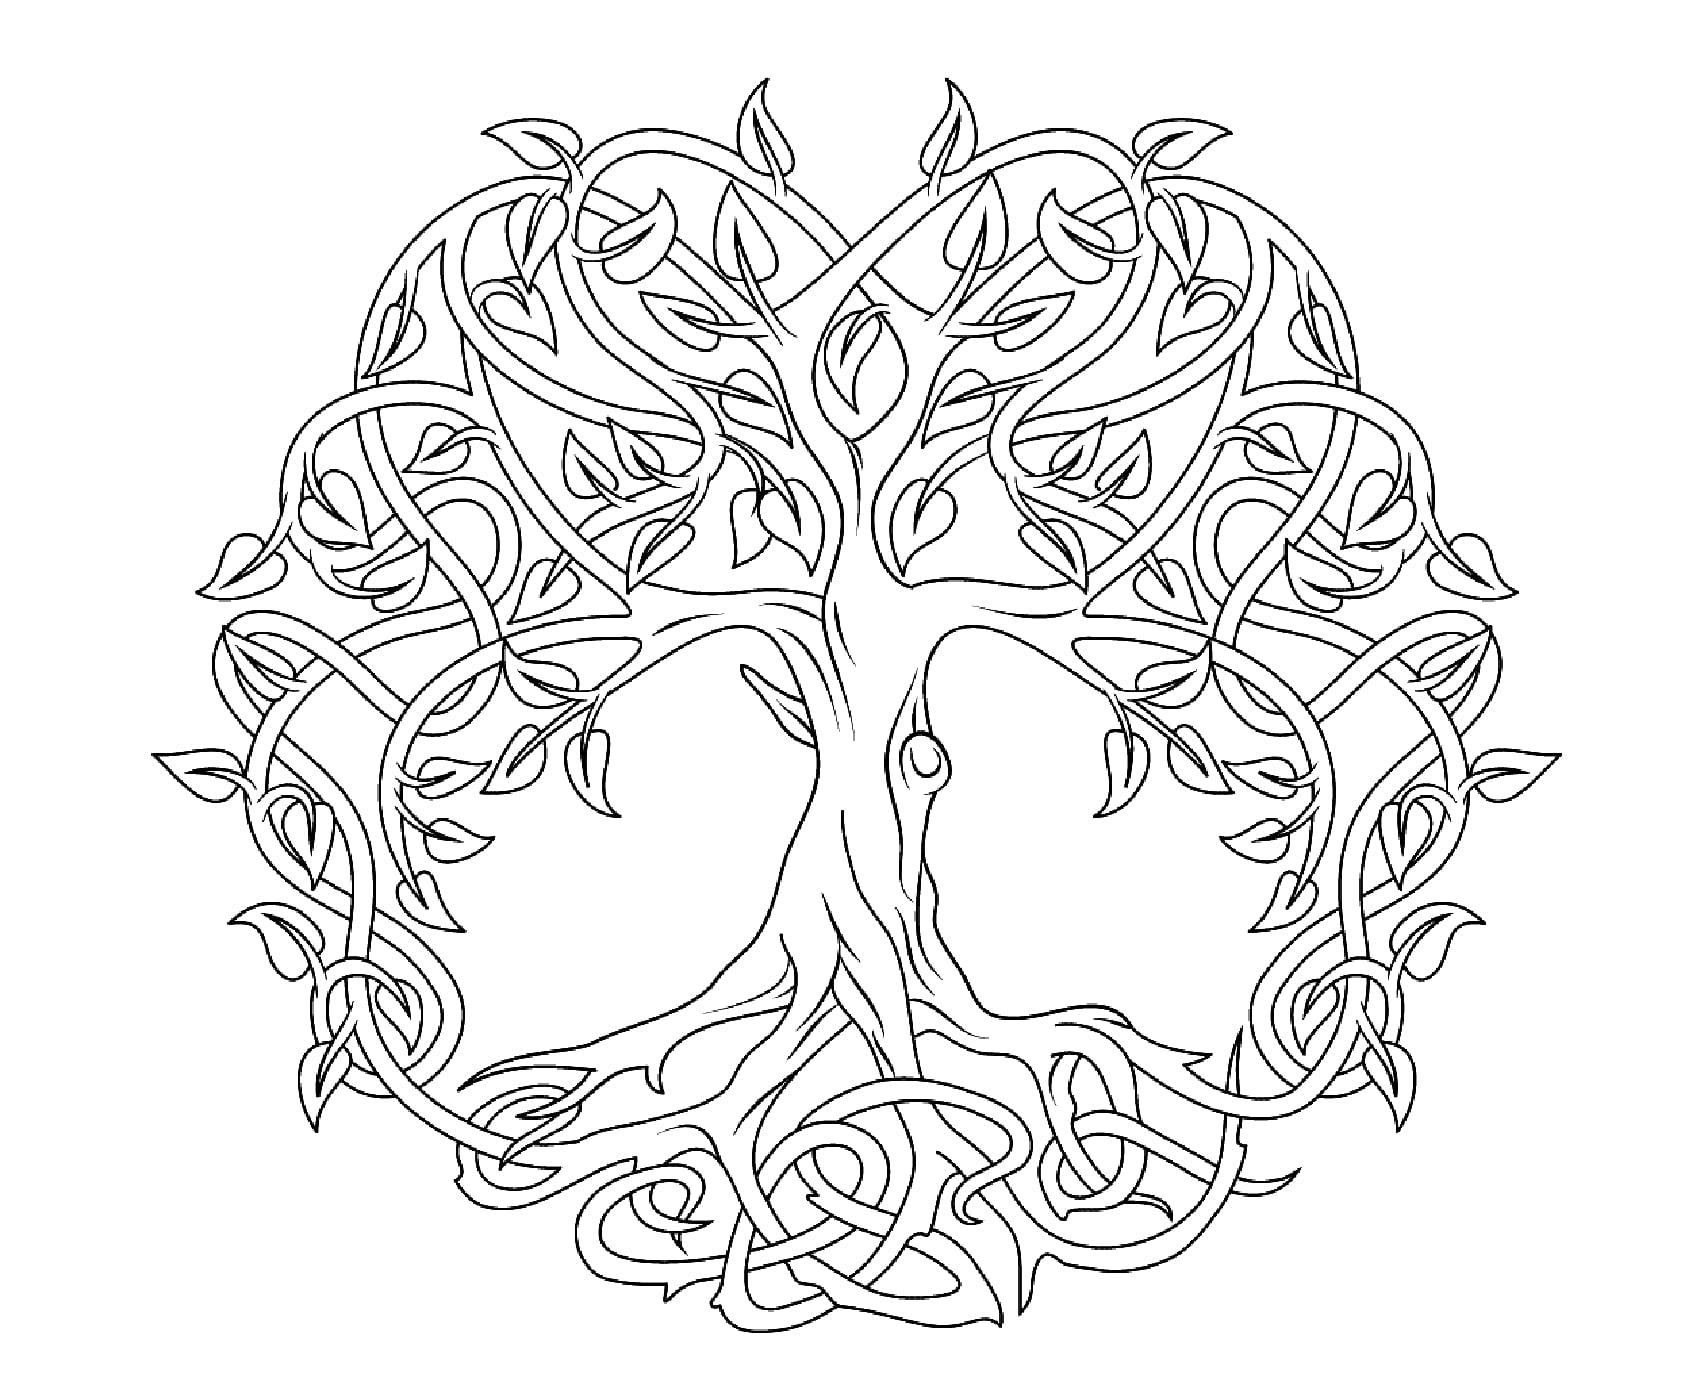 Arbre Pour Coloriage.Mandala En Forme D Arbre Mandalas De Difficulte Normale 100